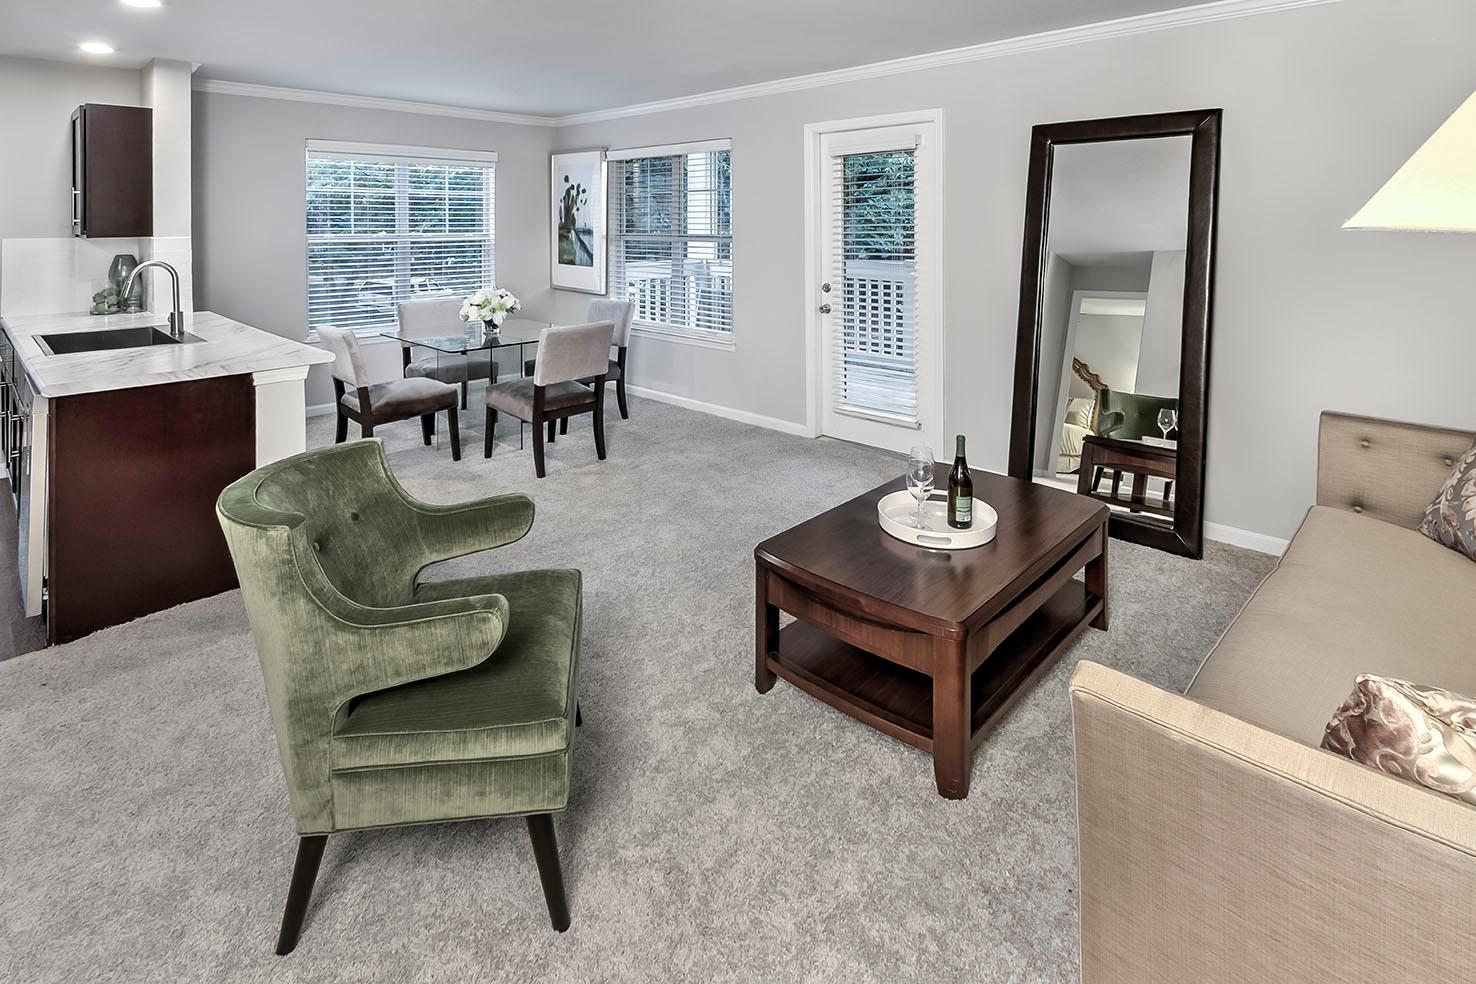 Camden Lake Pine Apartments image 6